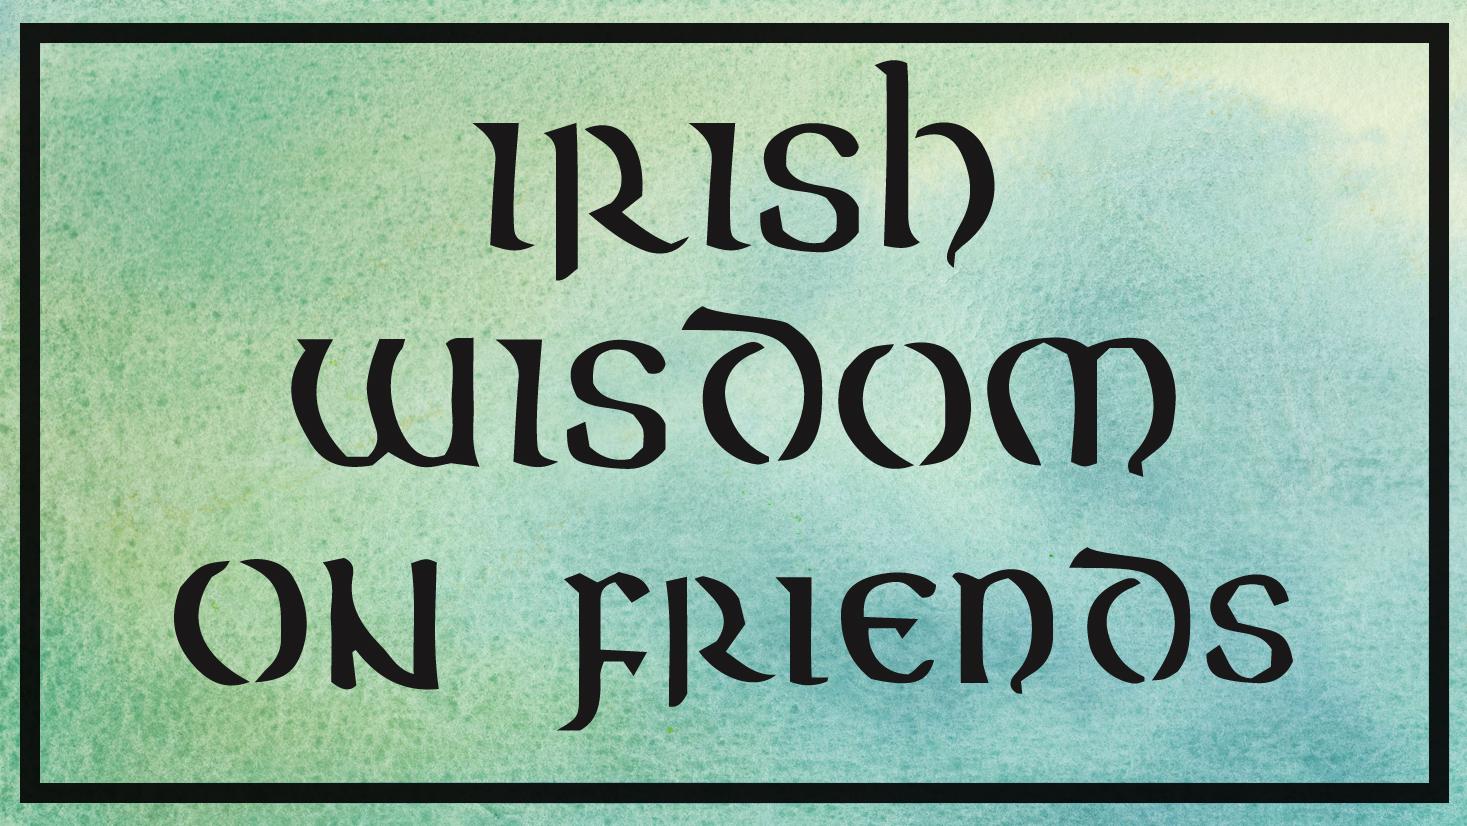 Irish wisdom on friends